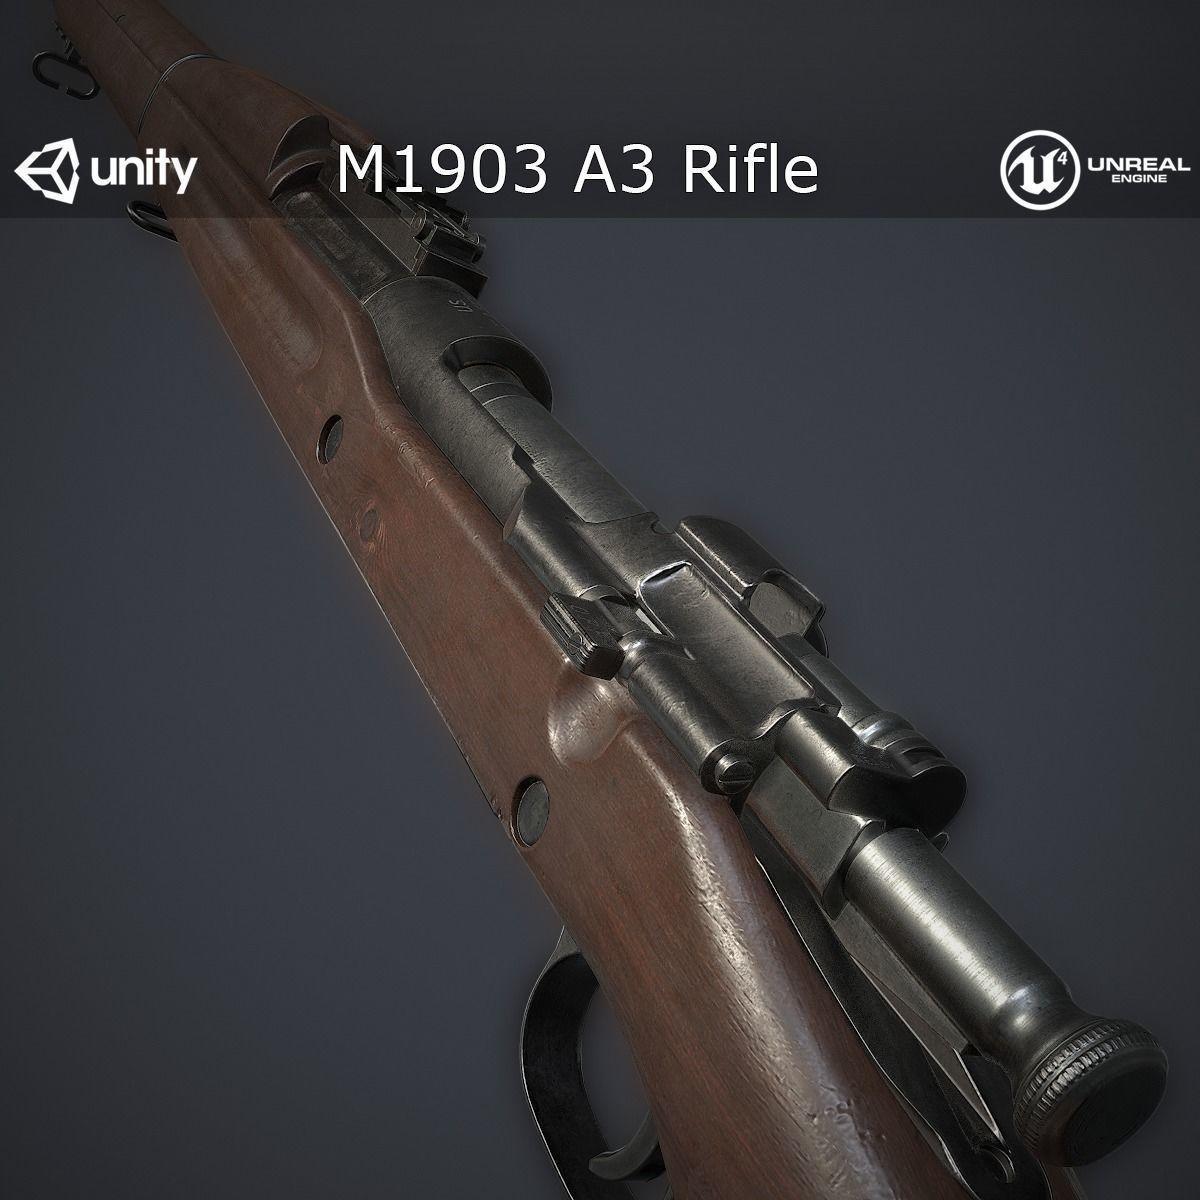 M1903 A3 Rifle